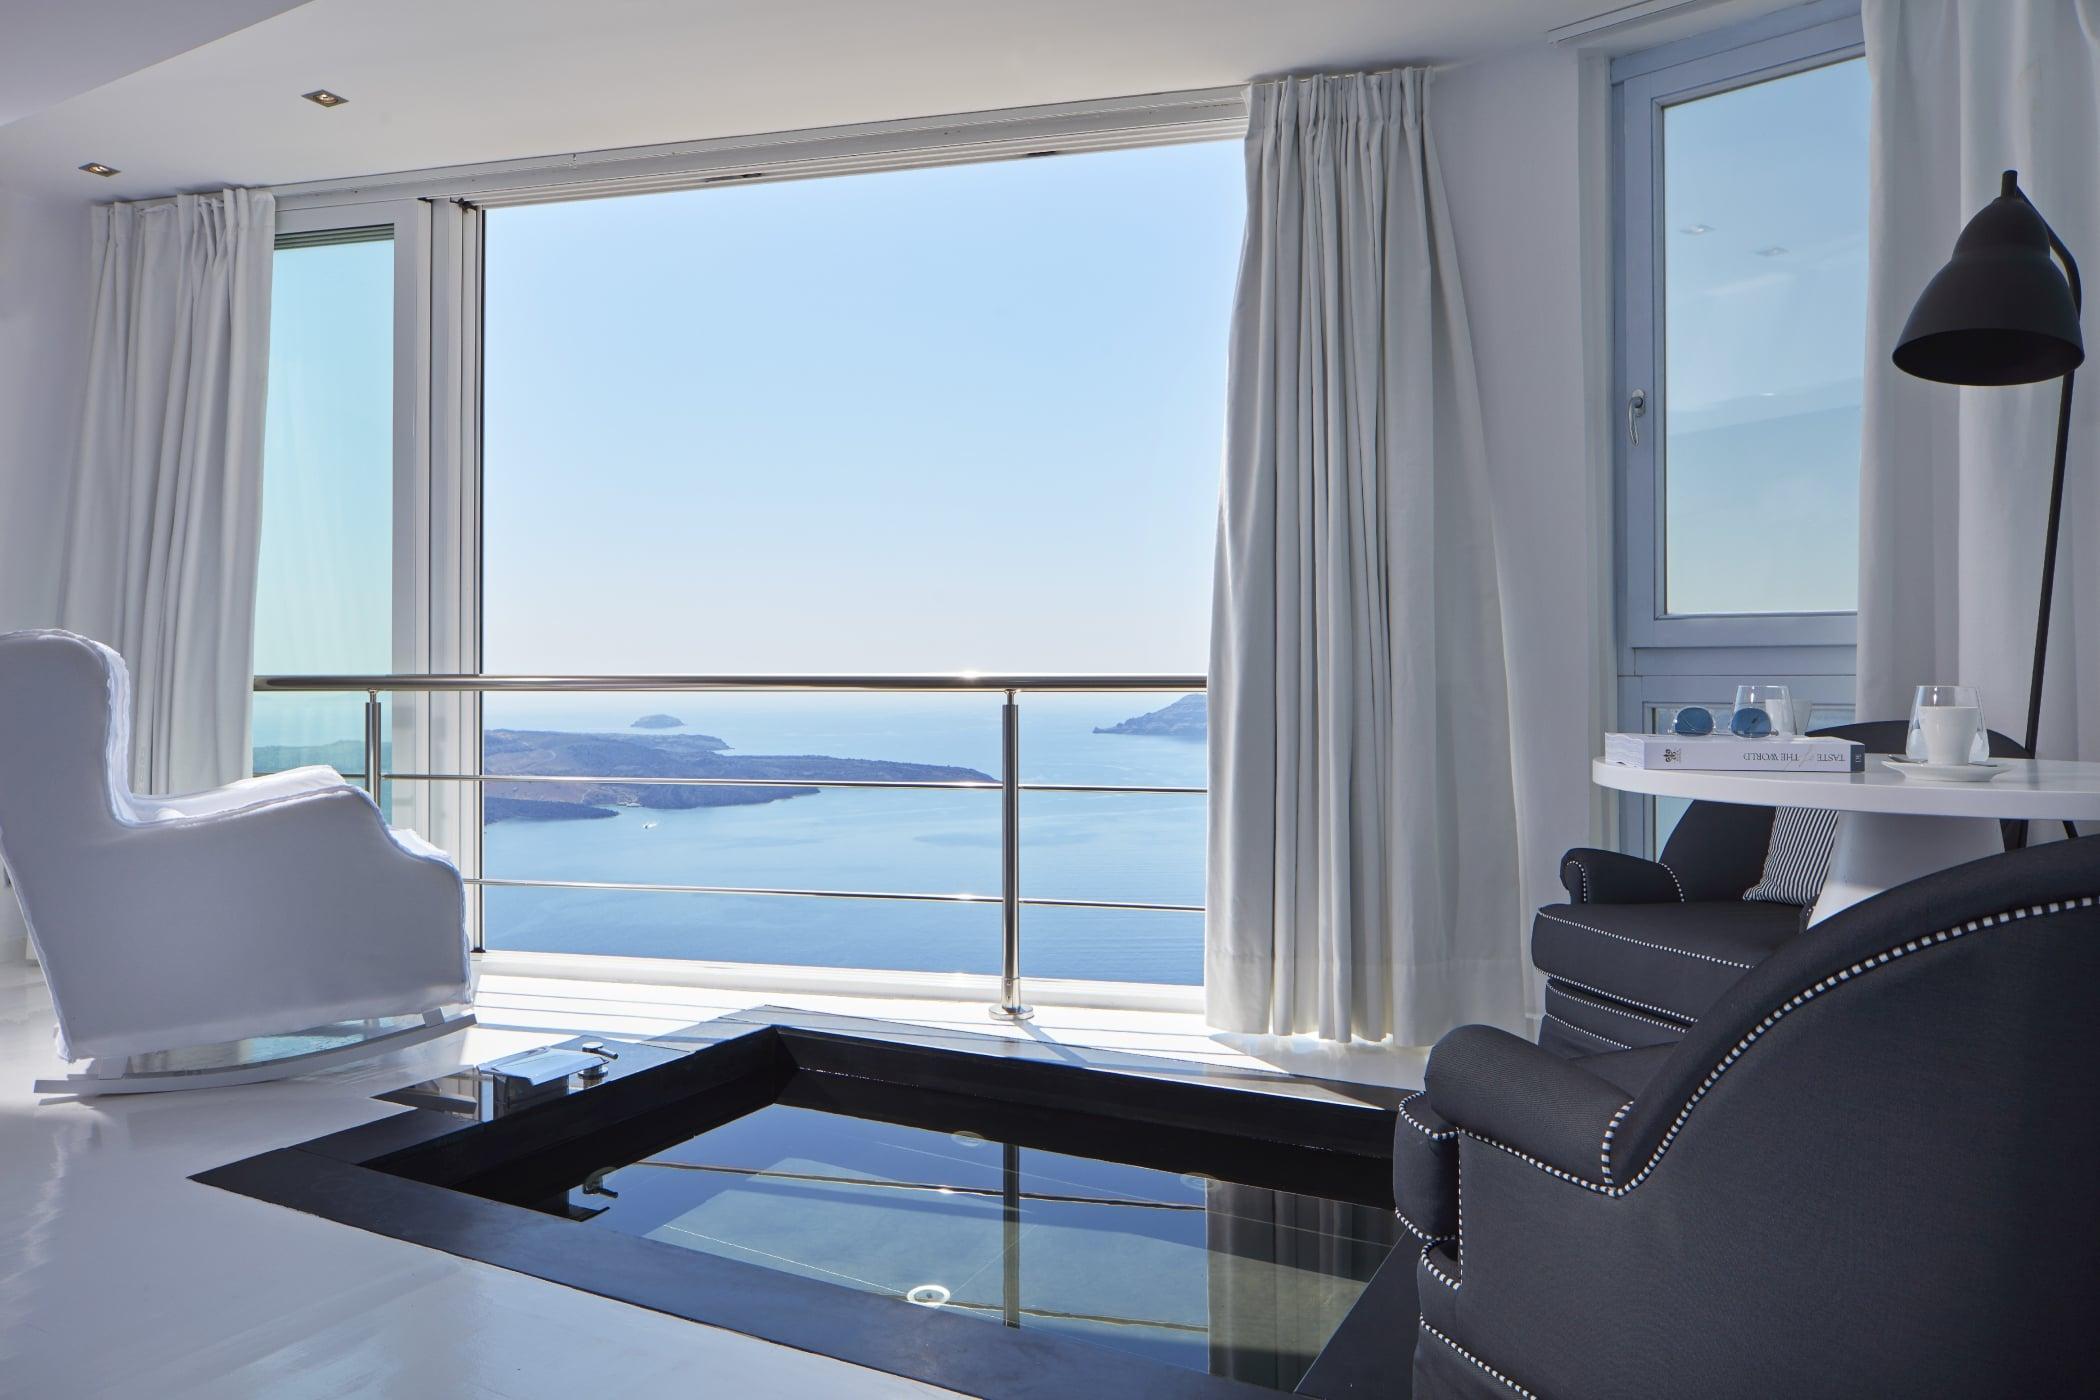 Sunrocks_Boutique_Hotel_Santorini_Experience_Suite4